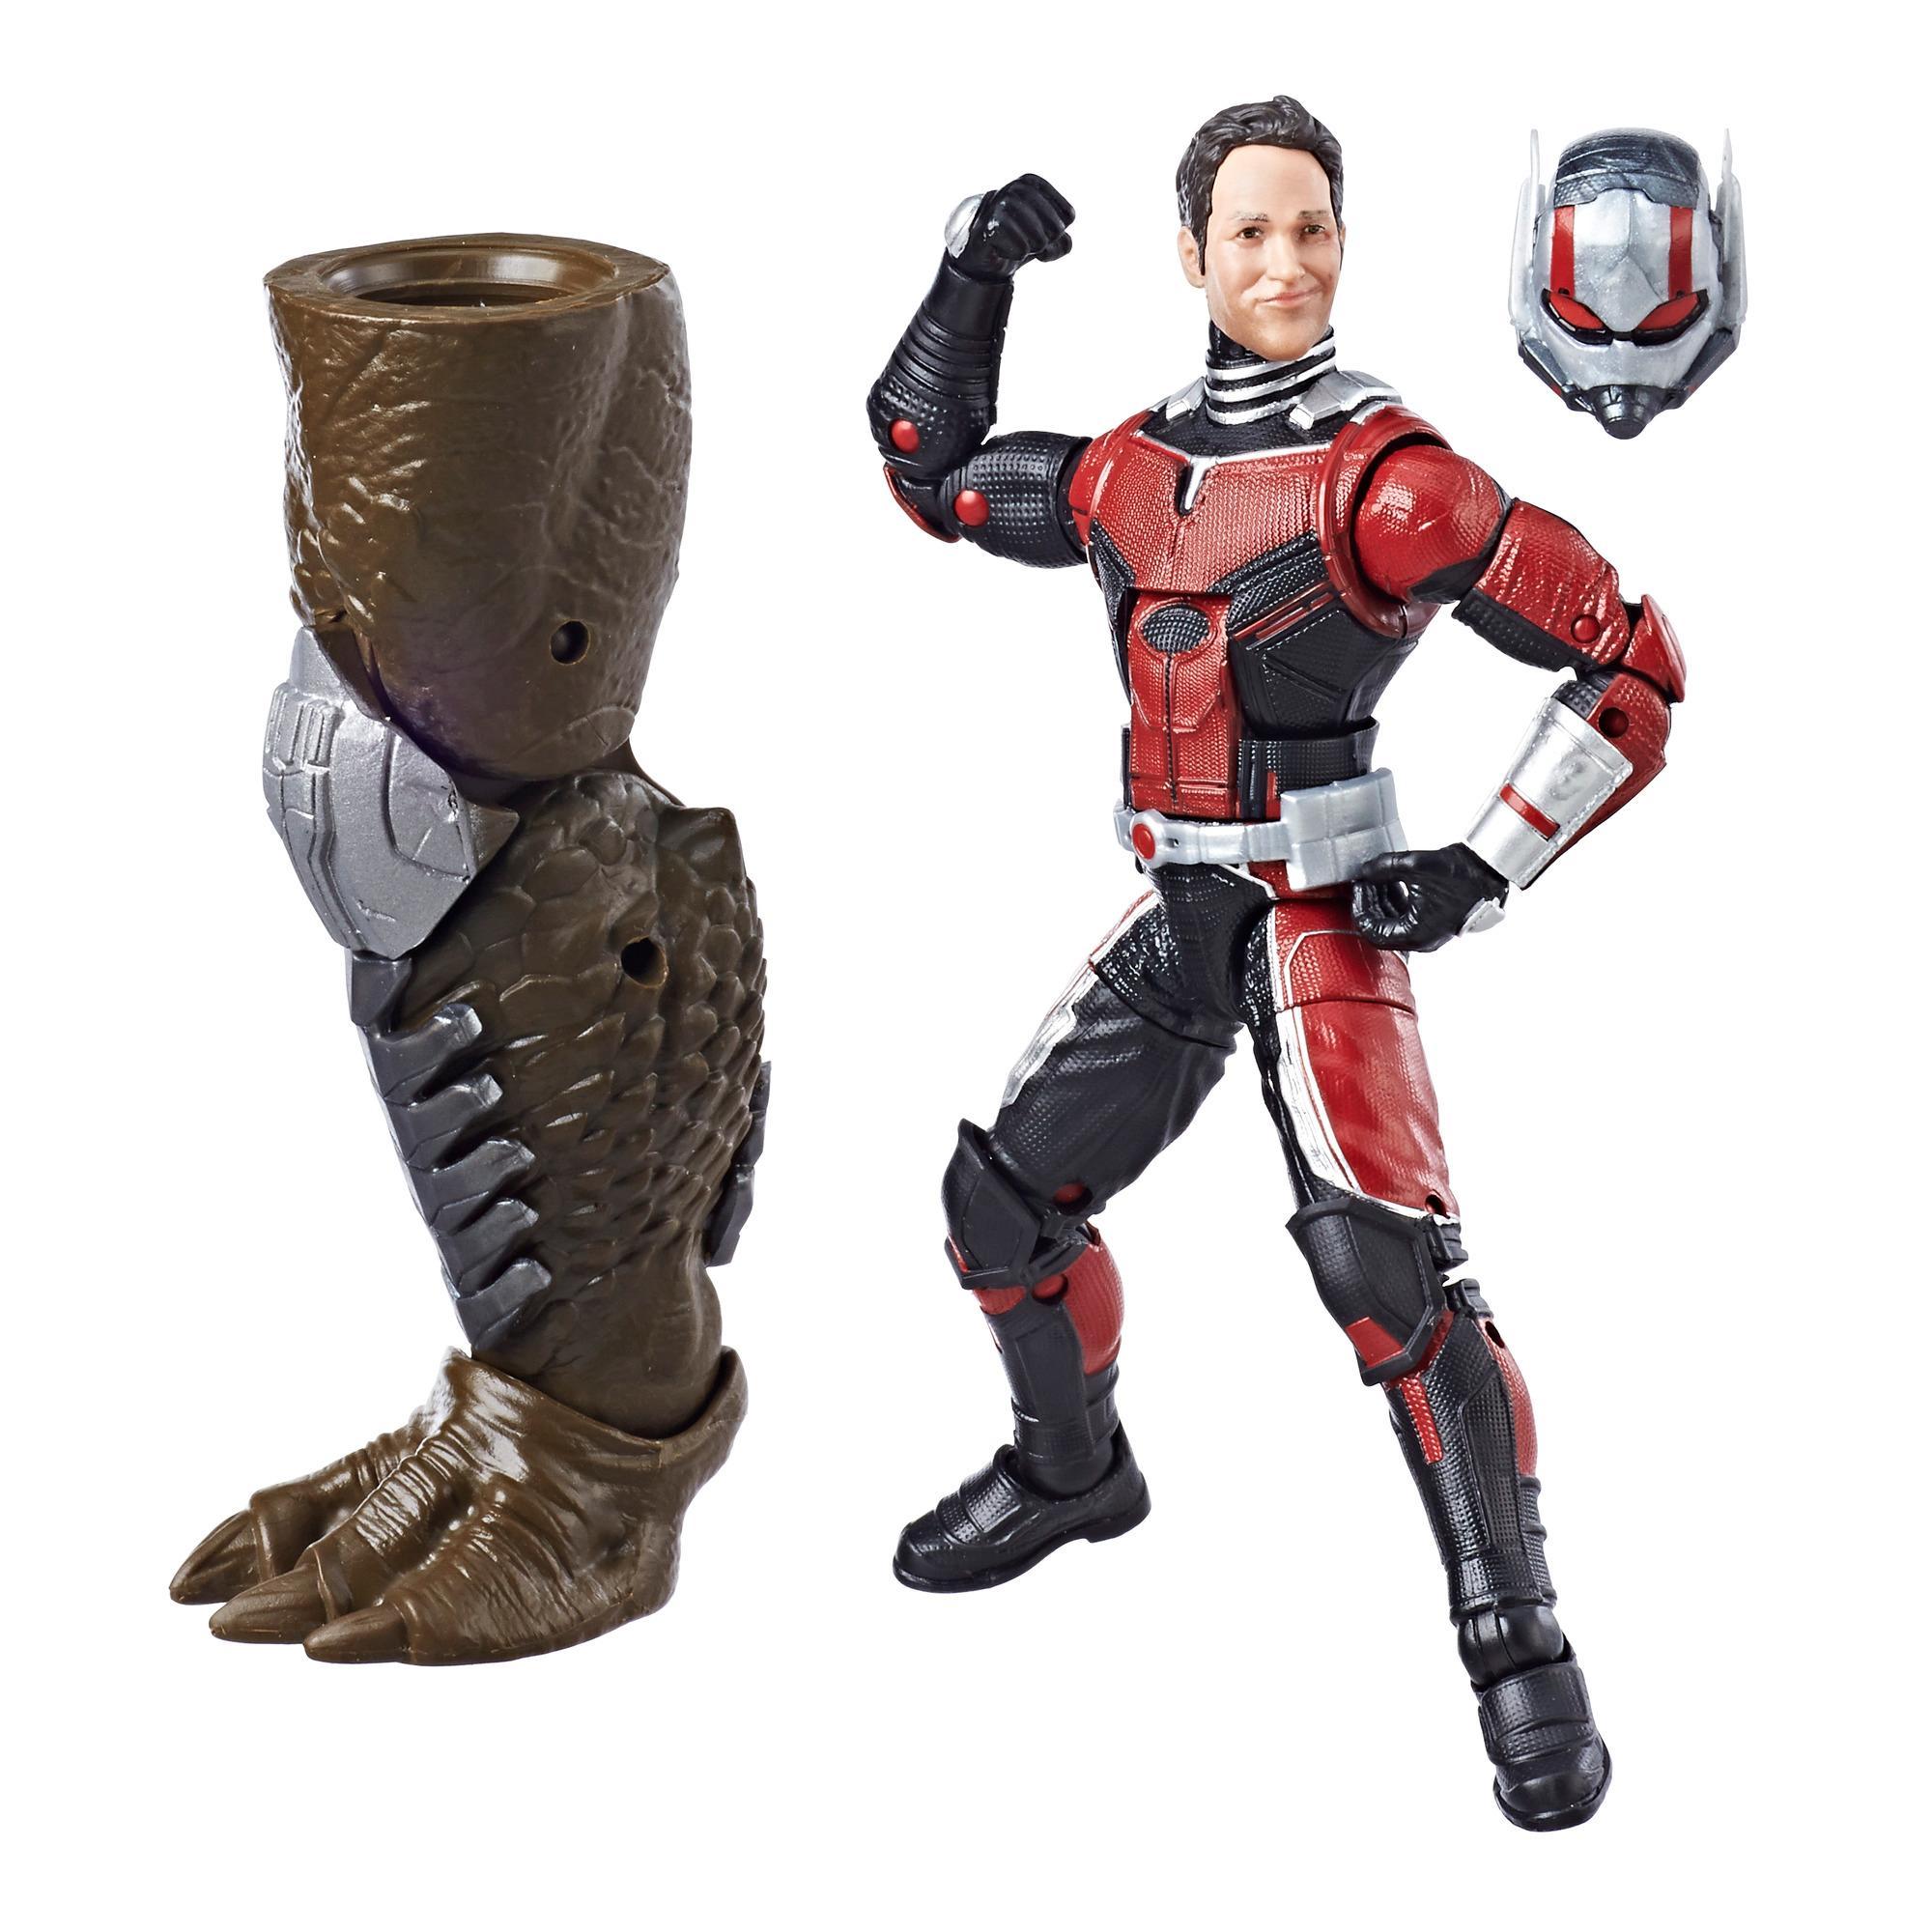 Avengers Marvel Legends Series - Ant-Man 15 cm